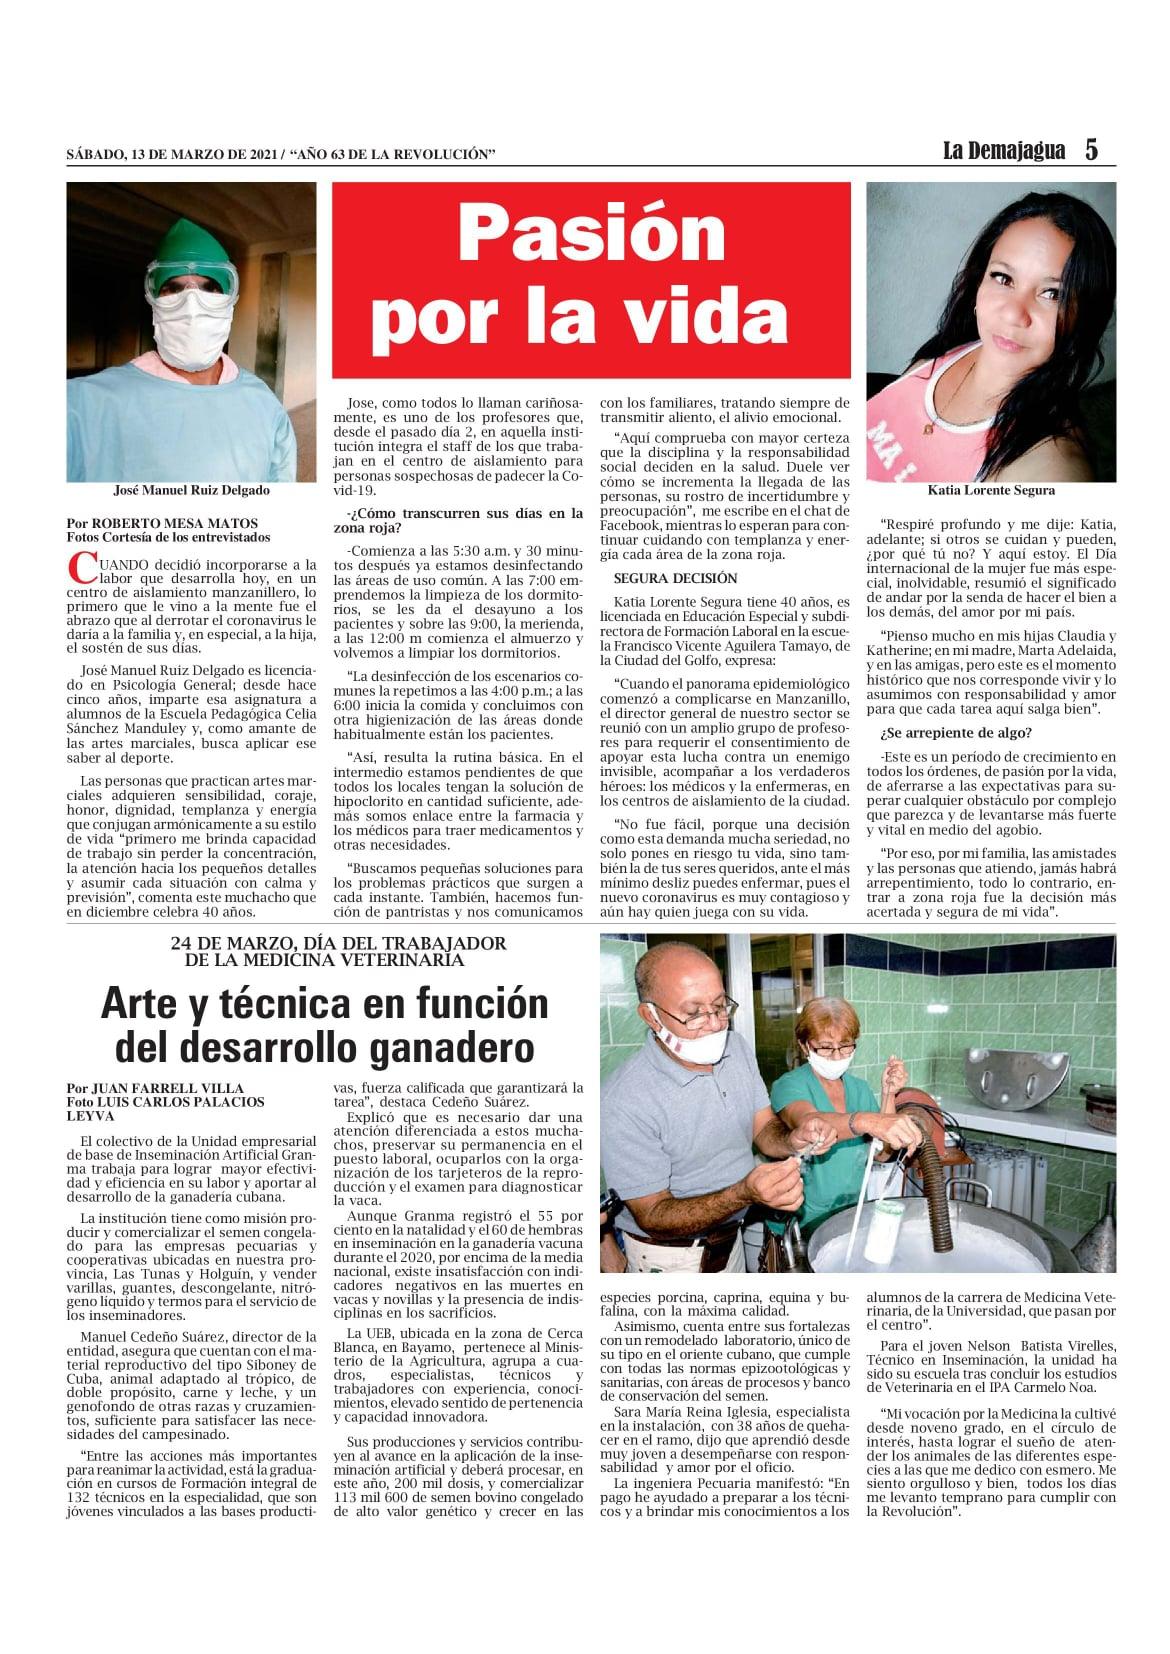 Edición impresa 1534 del semanario La Demajagua, sábado 13 de marzo de 2021